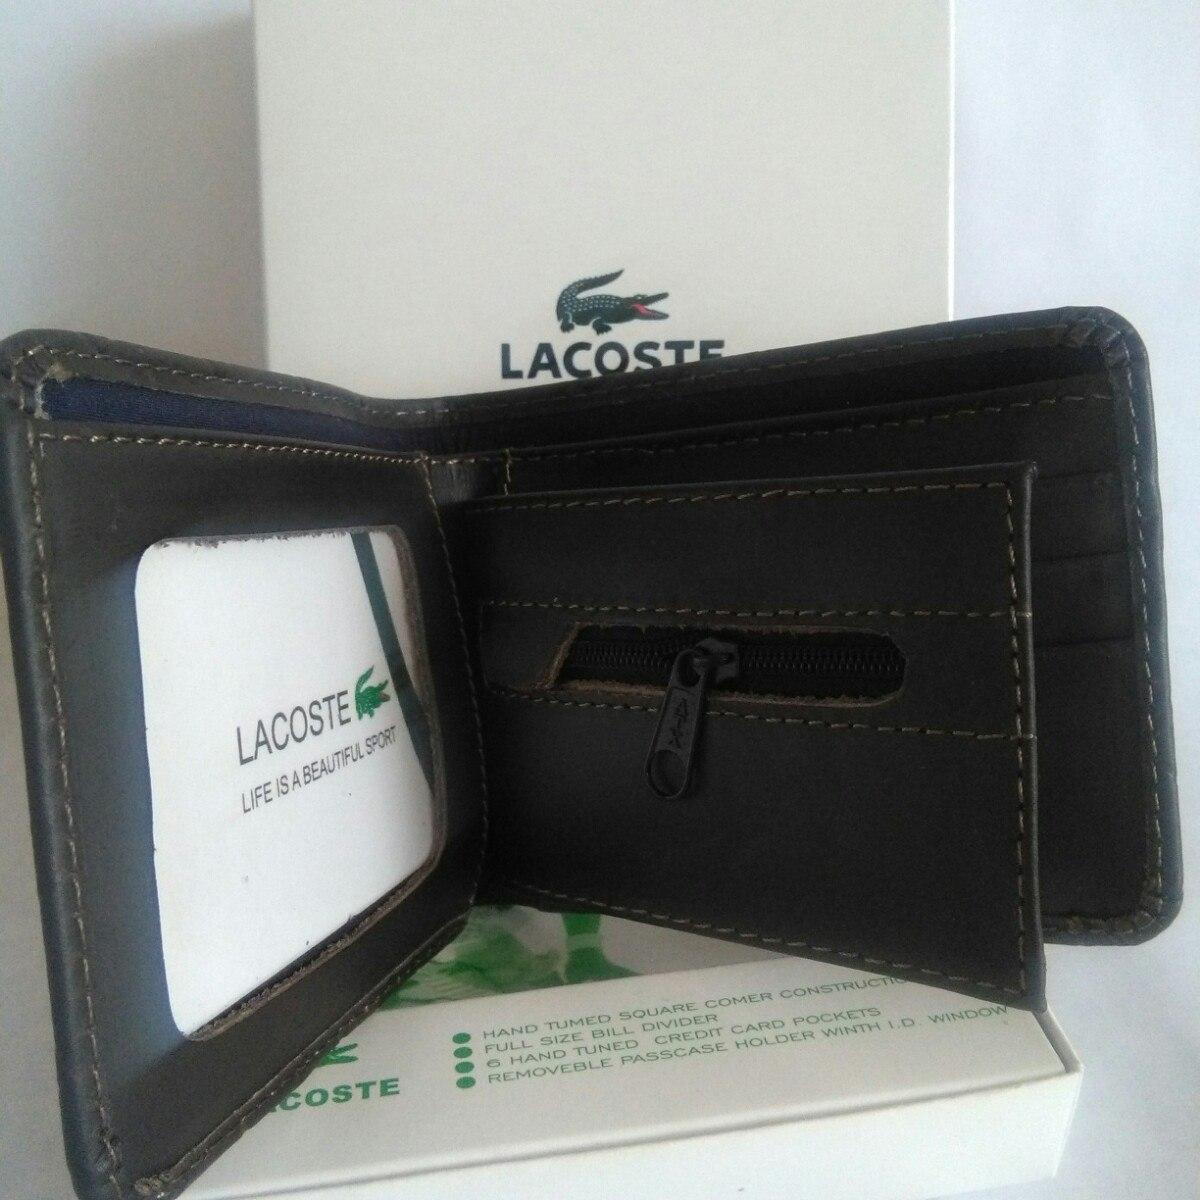 fe08b82e6 Billetera De Cuero Lacoste Nuevo - S/ 49,00 en Mercado Libre